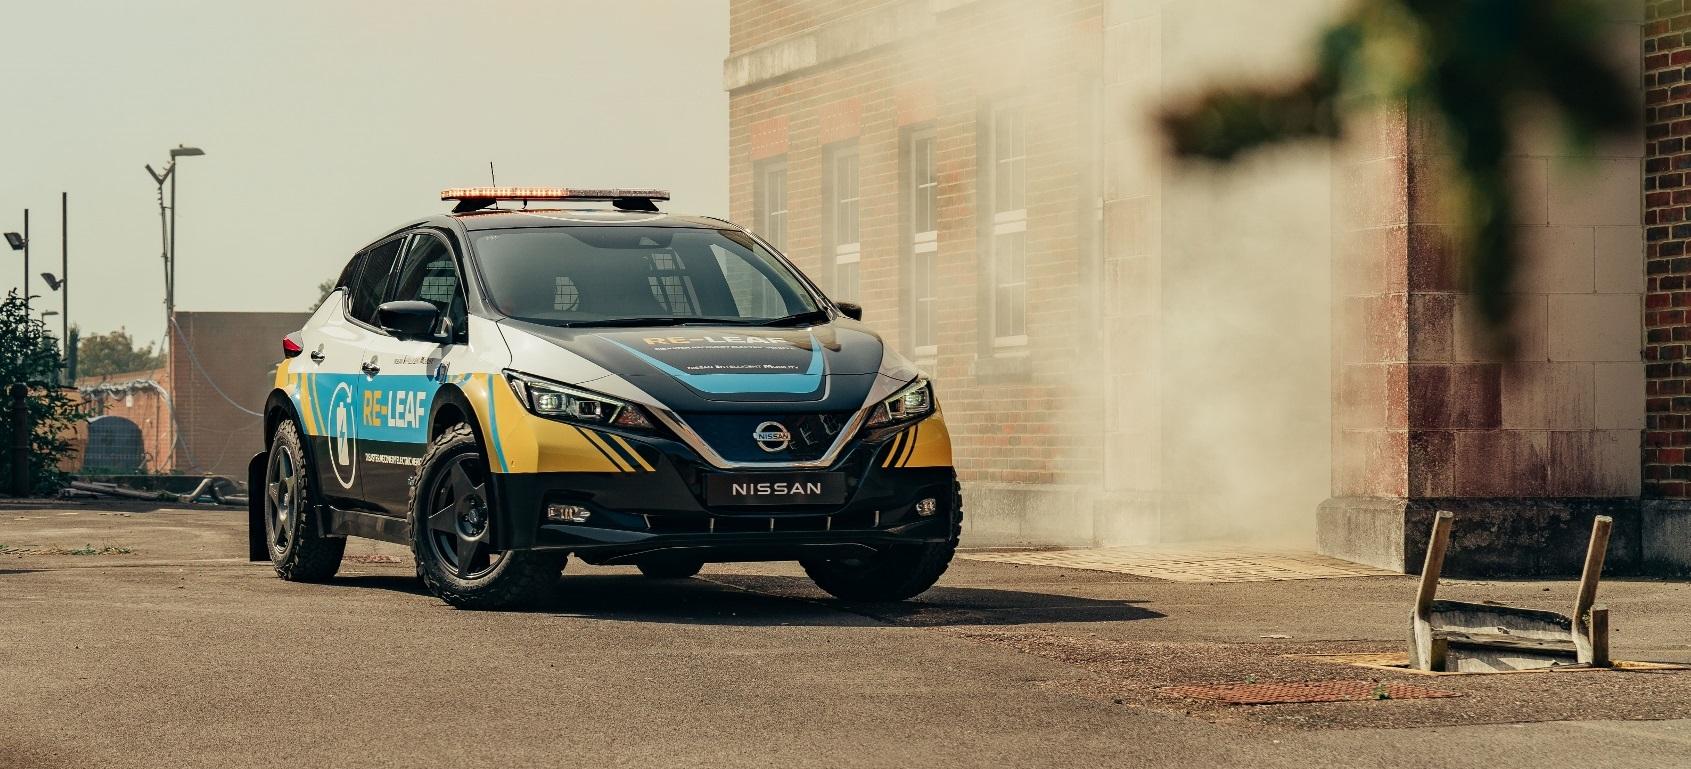 Nissan RE-Leaf je určený na zásahy po katastrofách bqTogCpag7 nissanre-leaf10-1700x1134